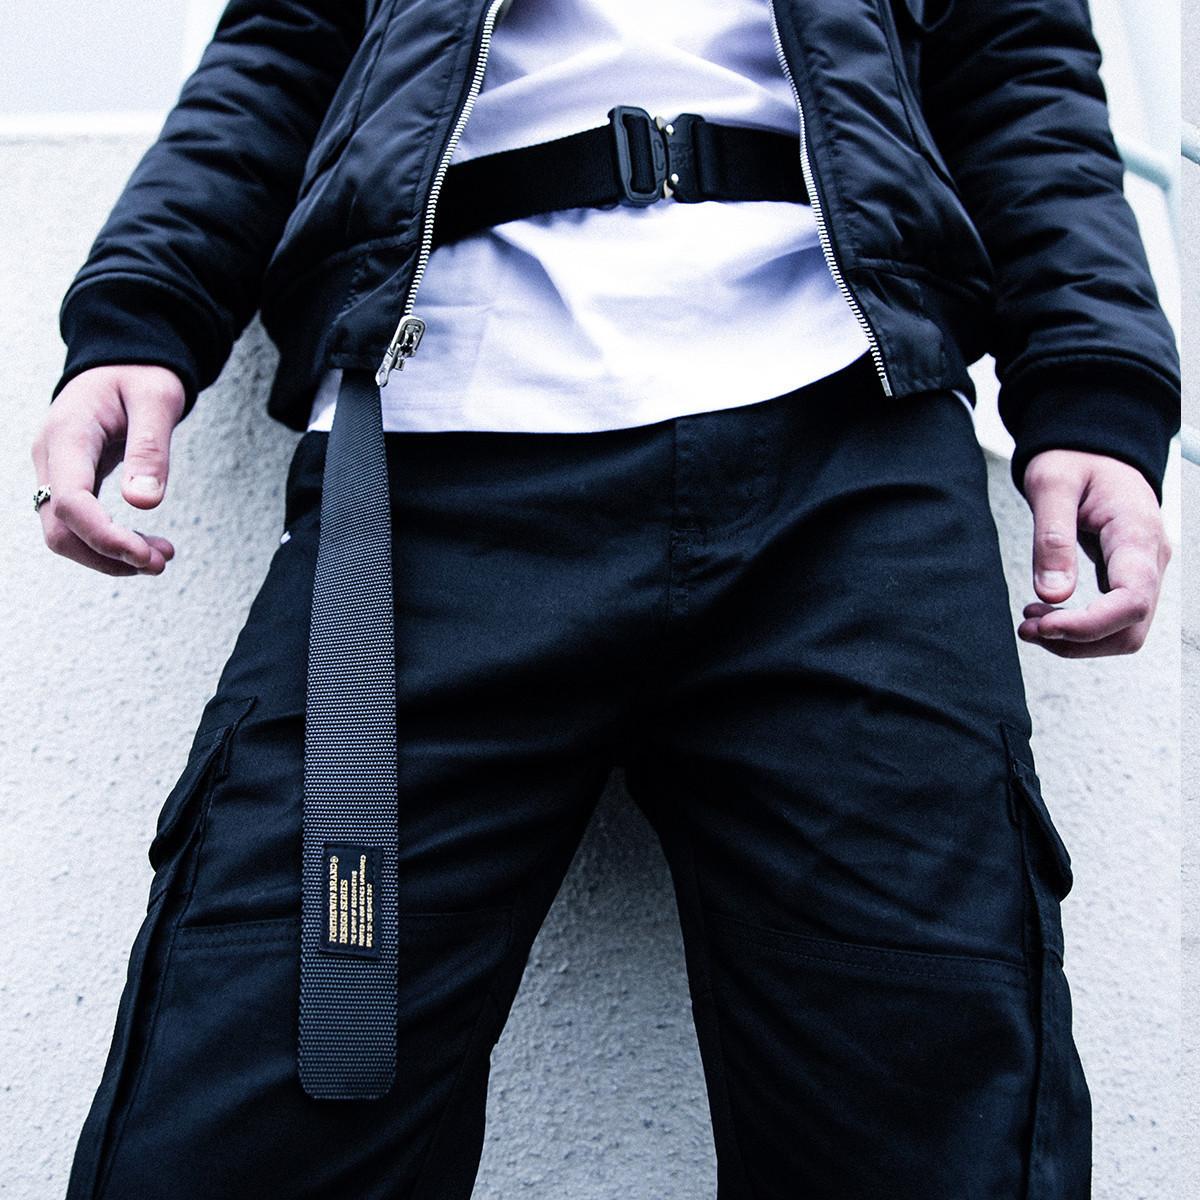 FORTHEWIN 17AW 机能感 金属扣腰带高街户外扣腰带眼镜蛇户外皮带